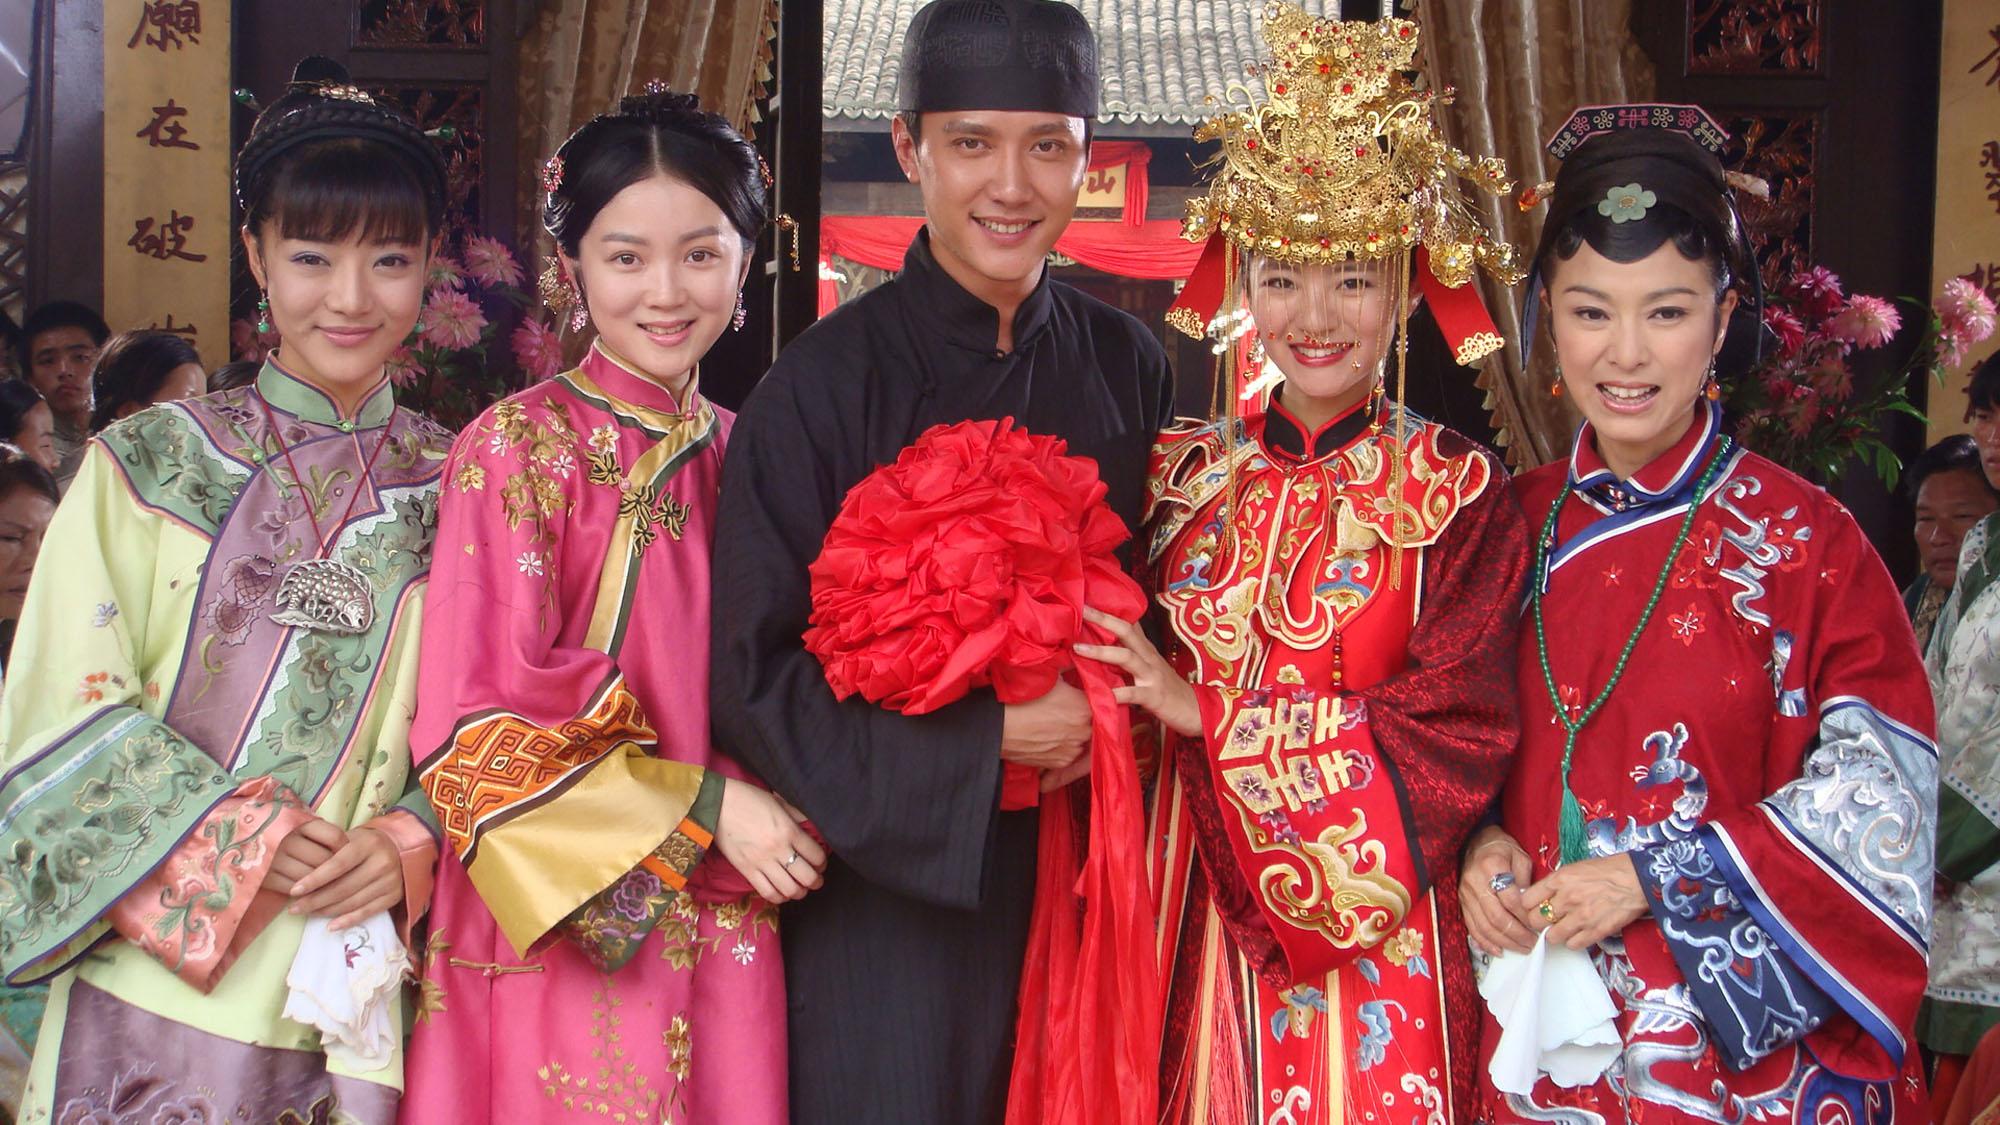 不要三妻四妾 只要简单到老 - 冯绍峰 - 冯绍峰の部落格